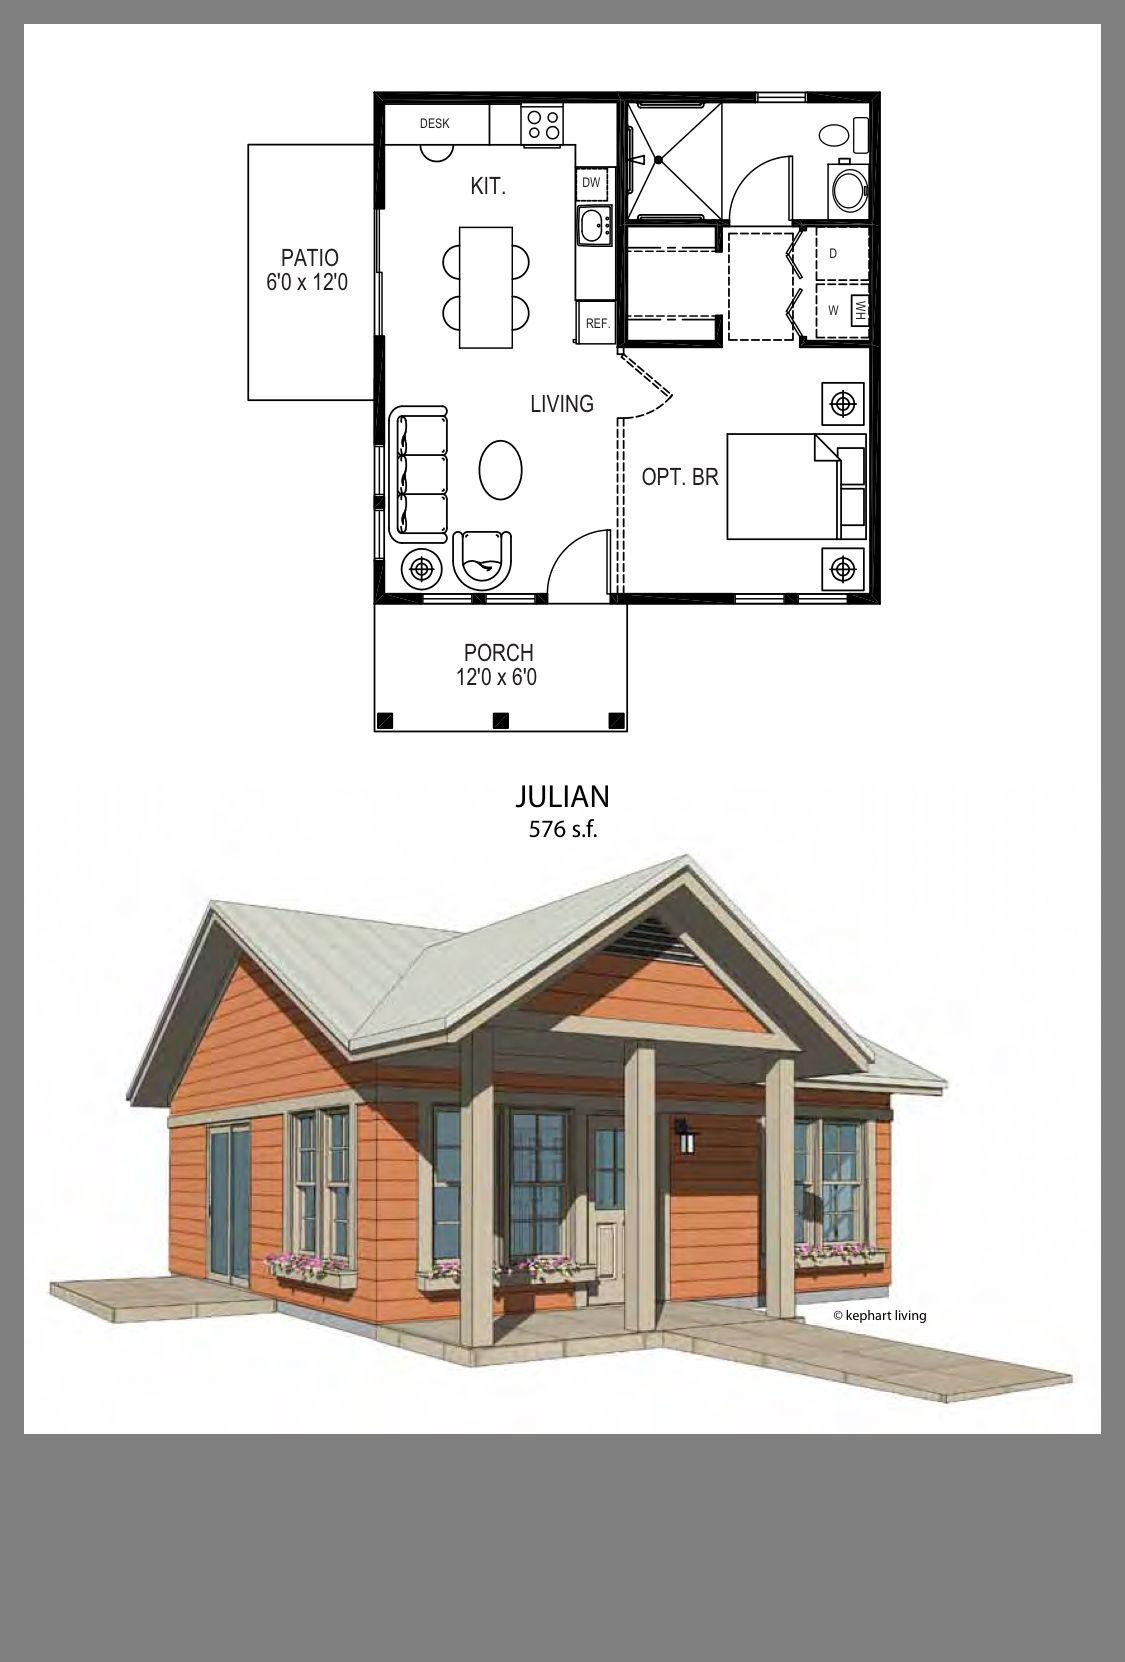 Julian 576 Sq Ft Tiny House Living In 2019 Pinterest